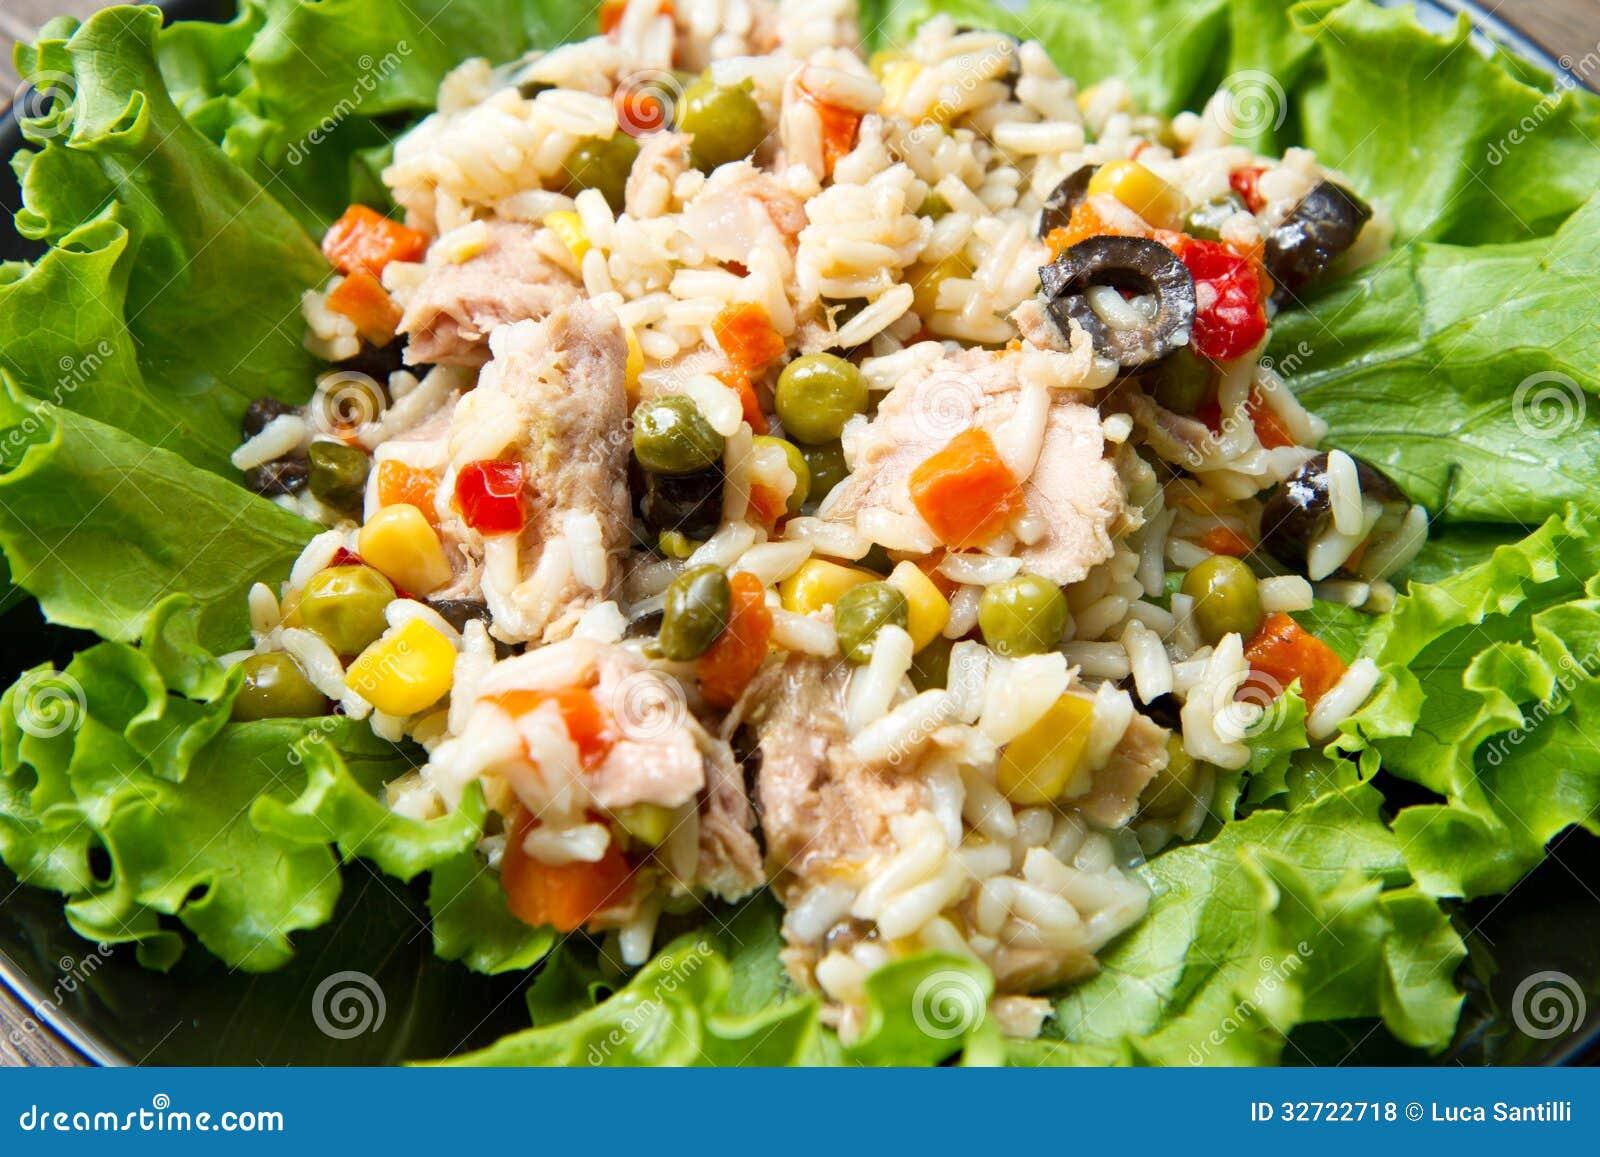 Ensalada de at n con arroz y verduras fotos de archivo - Ensalada de arroz y atun ...